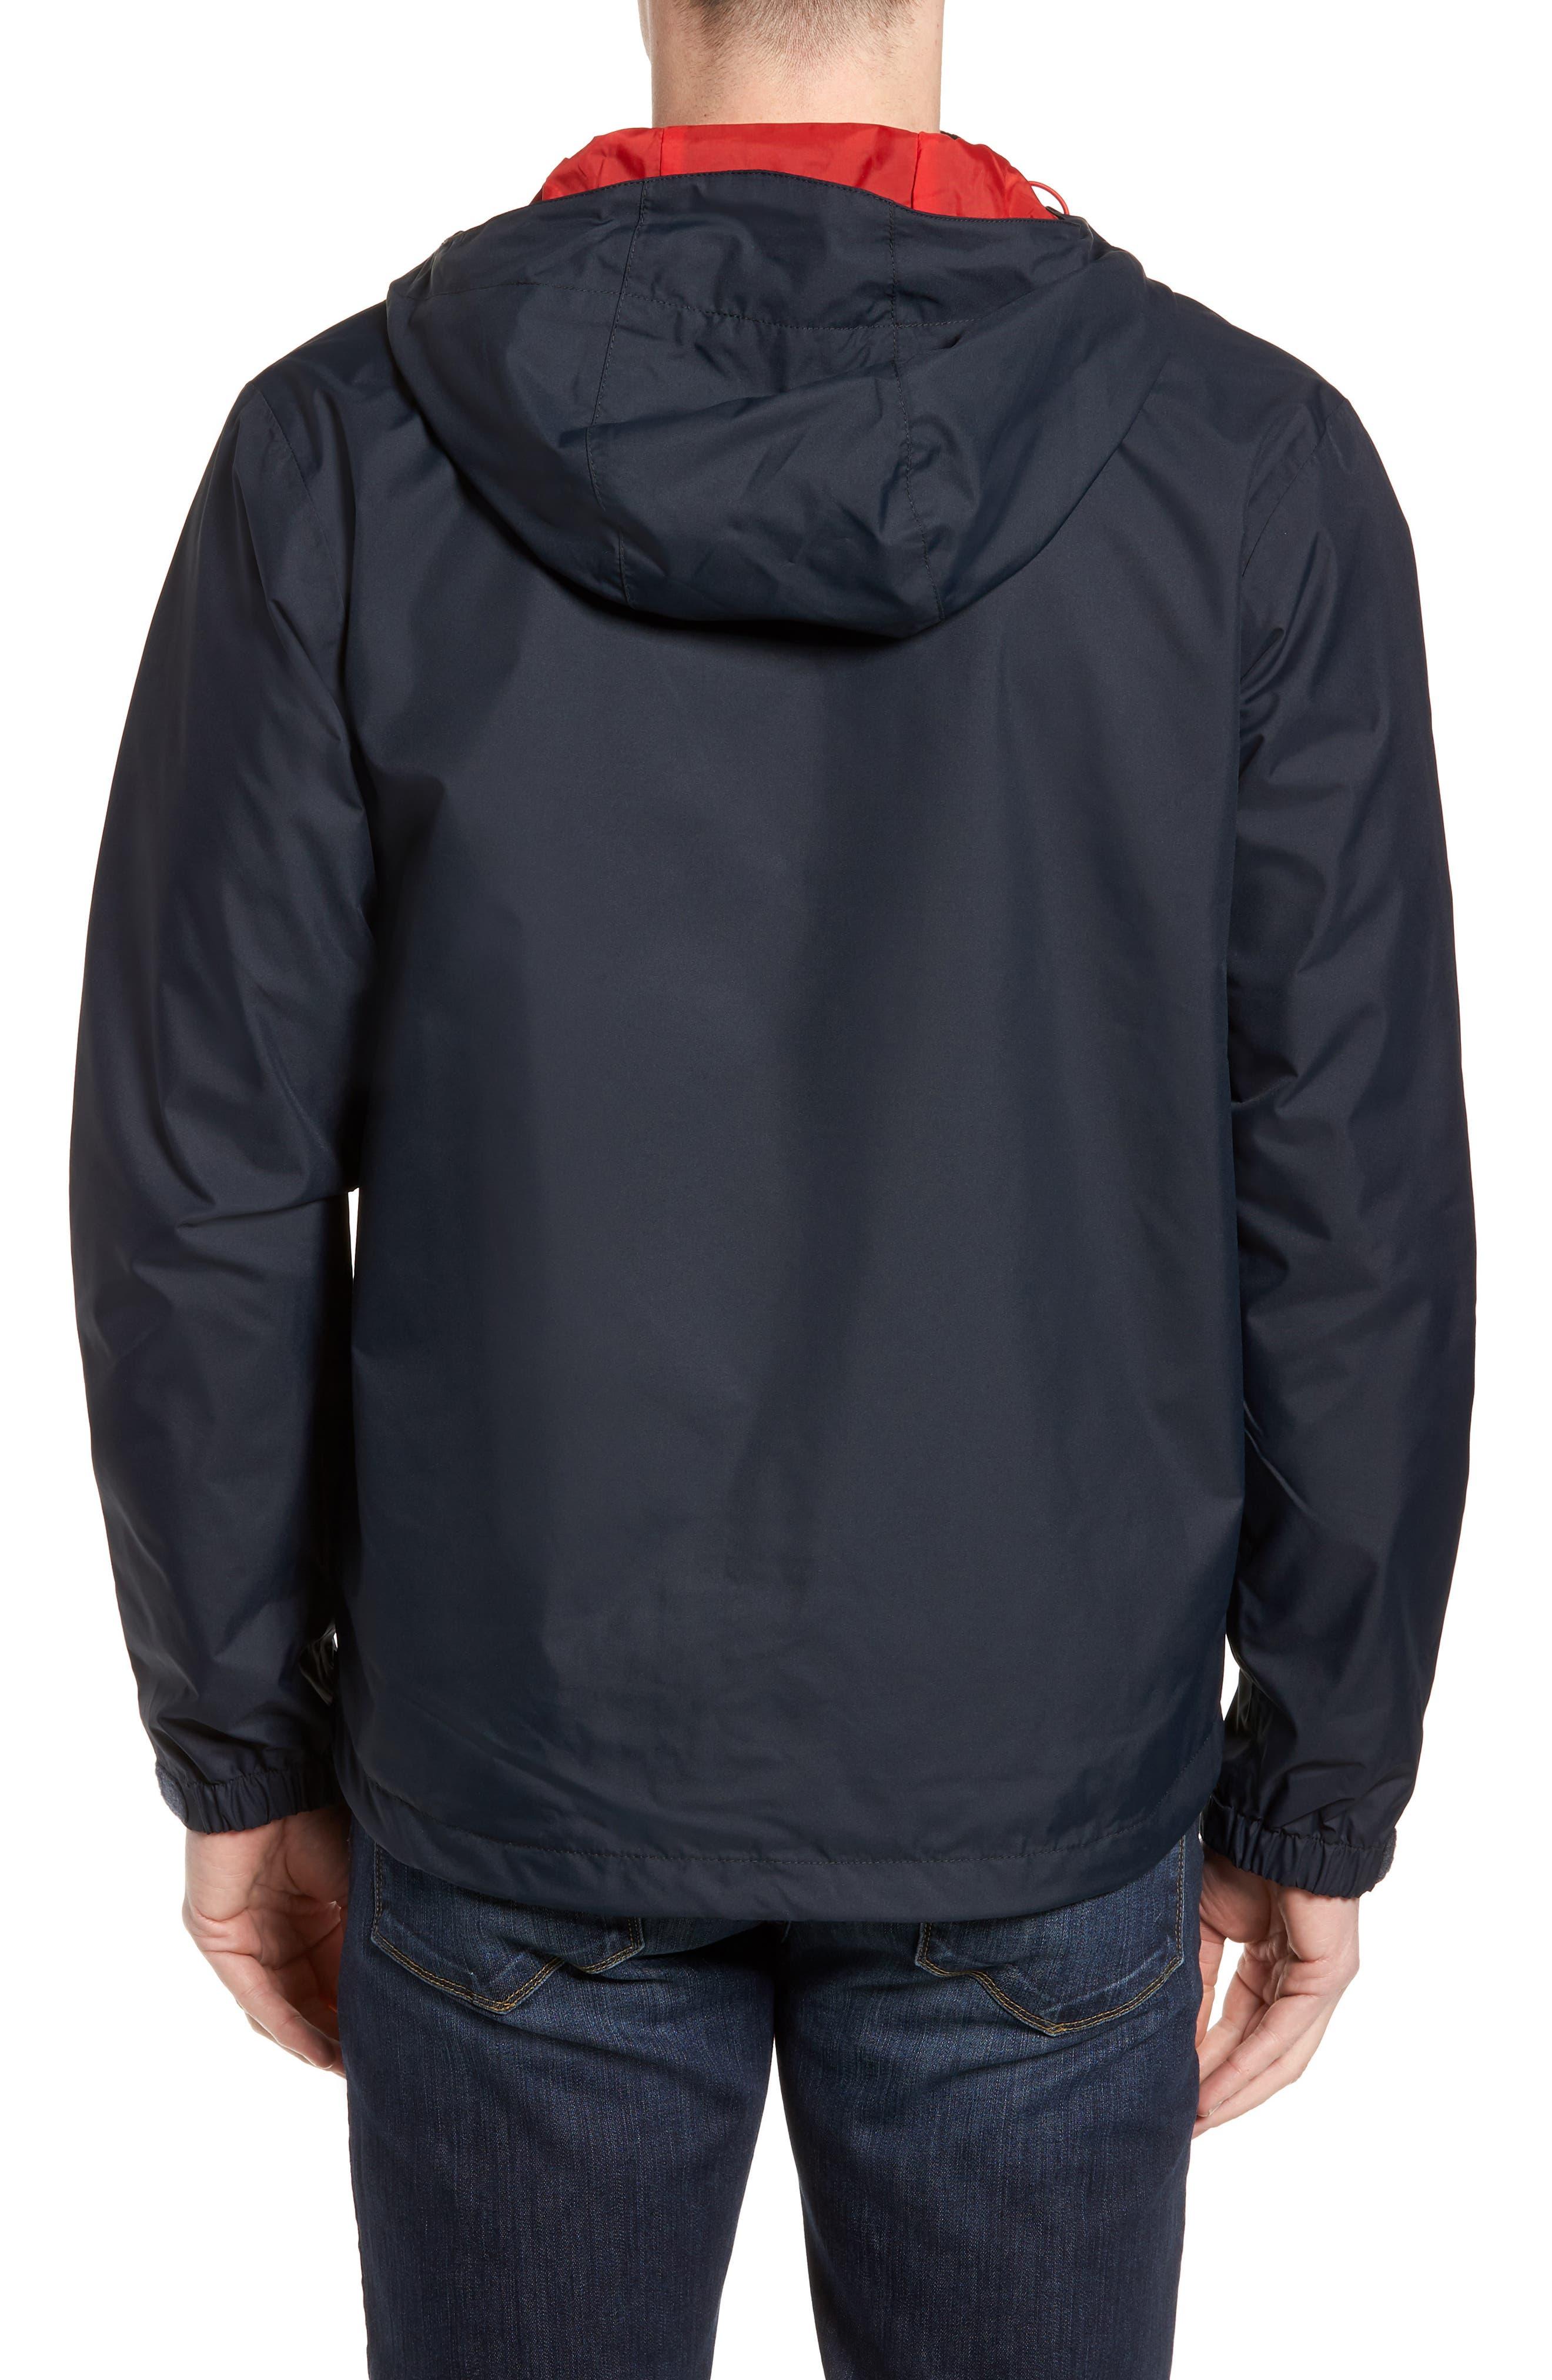 'Vancouver' Packable Rain Jacket,                             Alternate thumbnail 7, color,